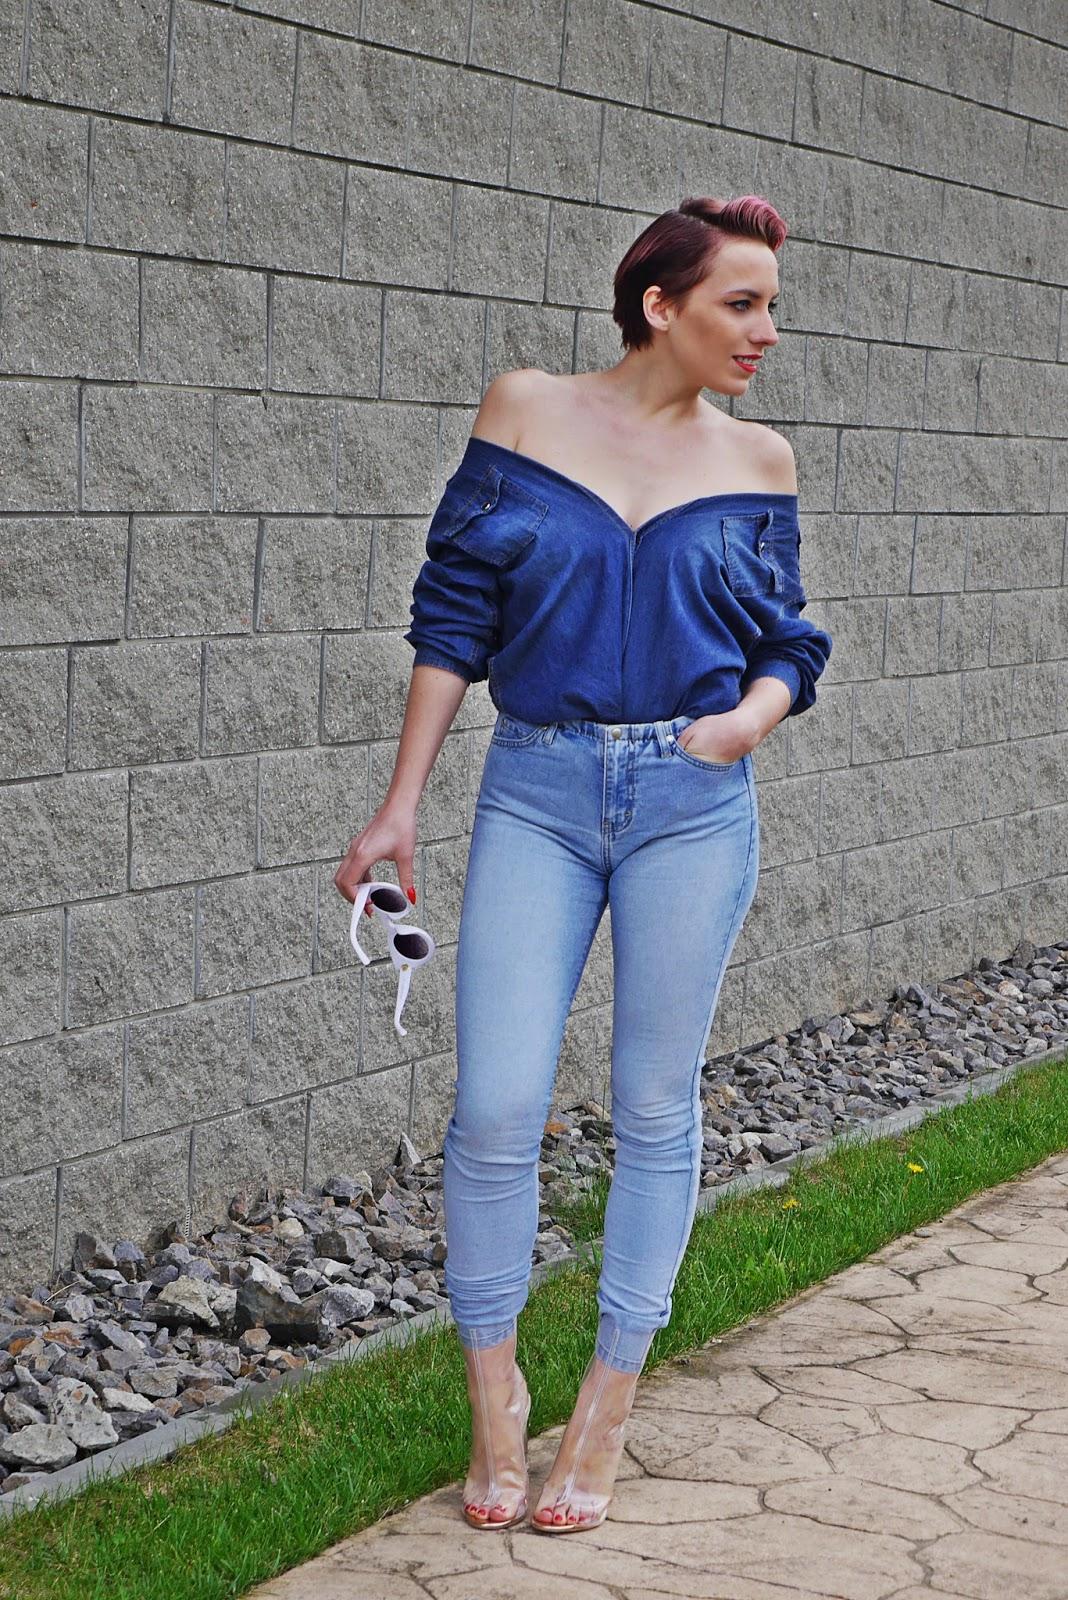 jeansowa_koszula_przezroczyste_botki_ootd_look_karyn_blog_050517